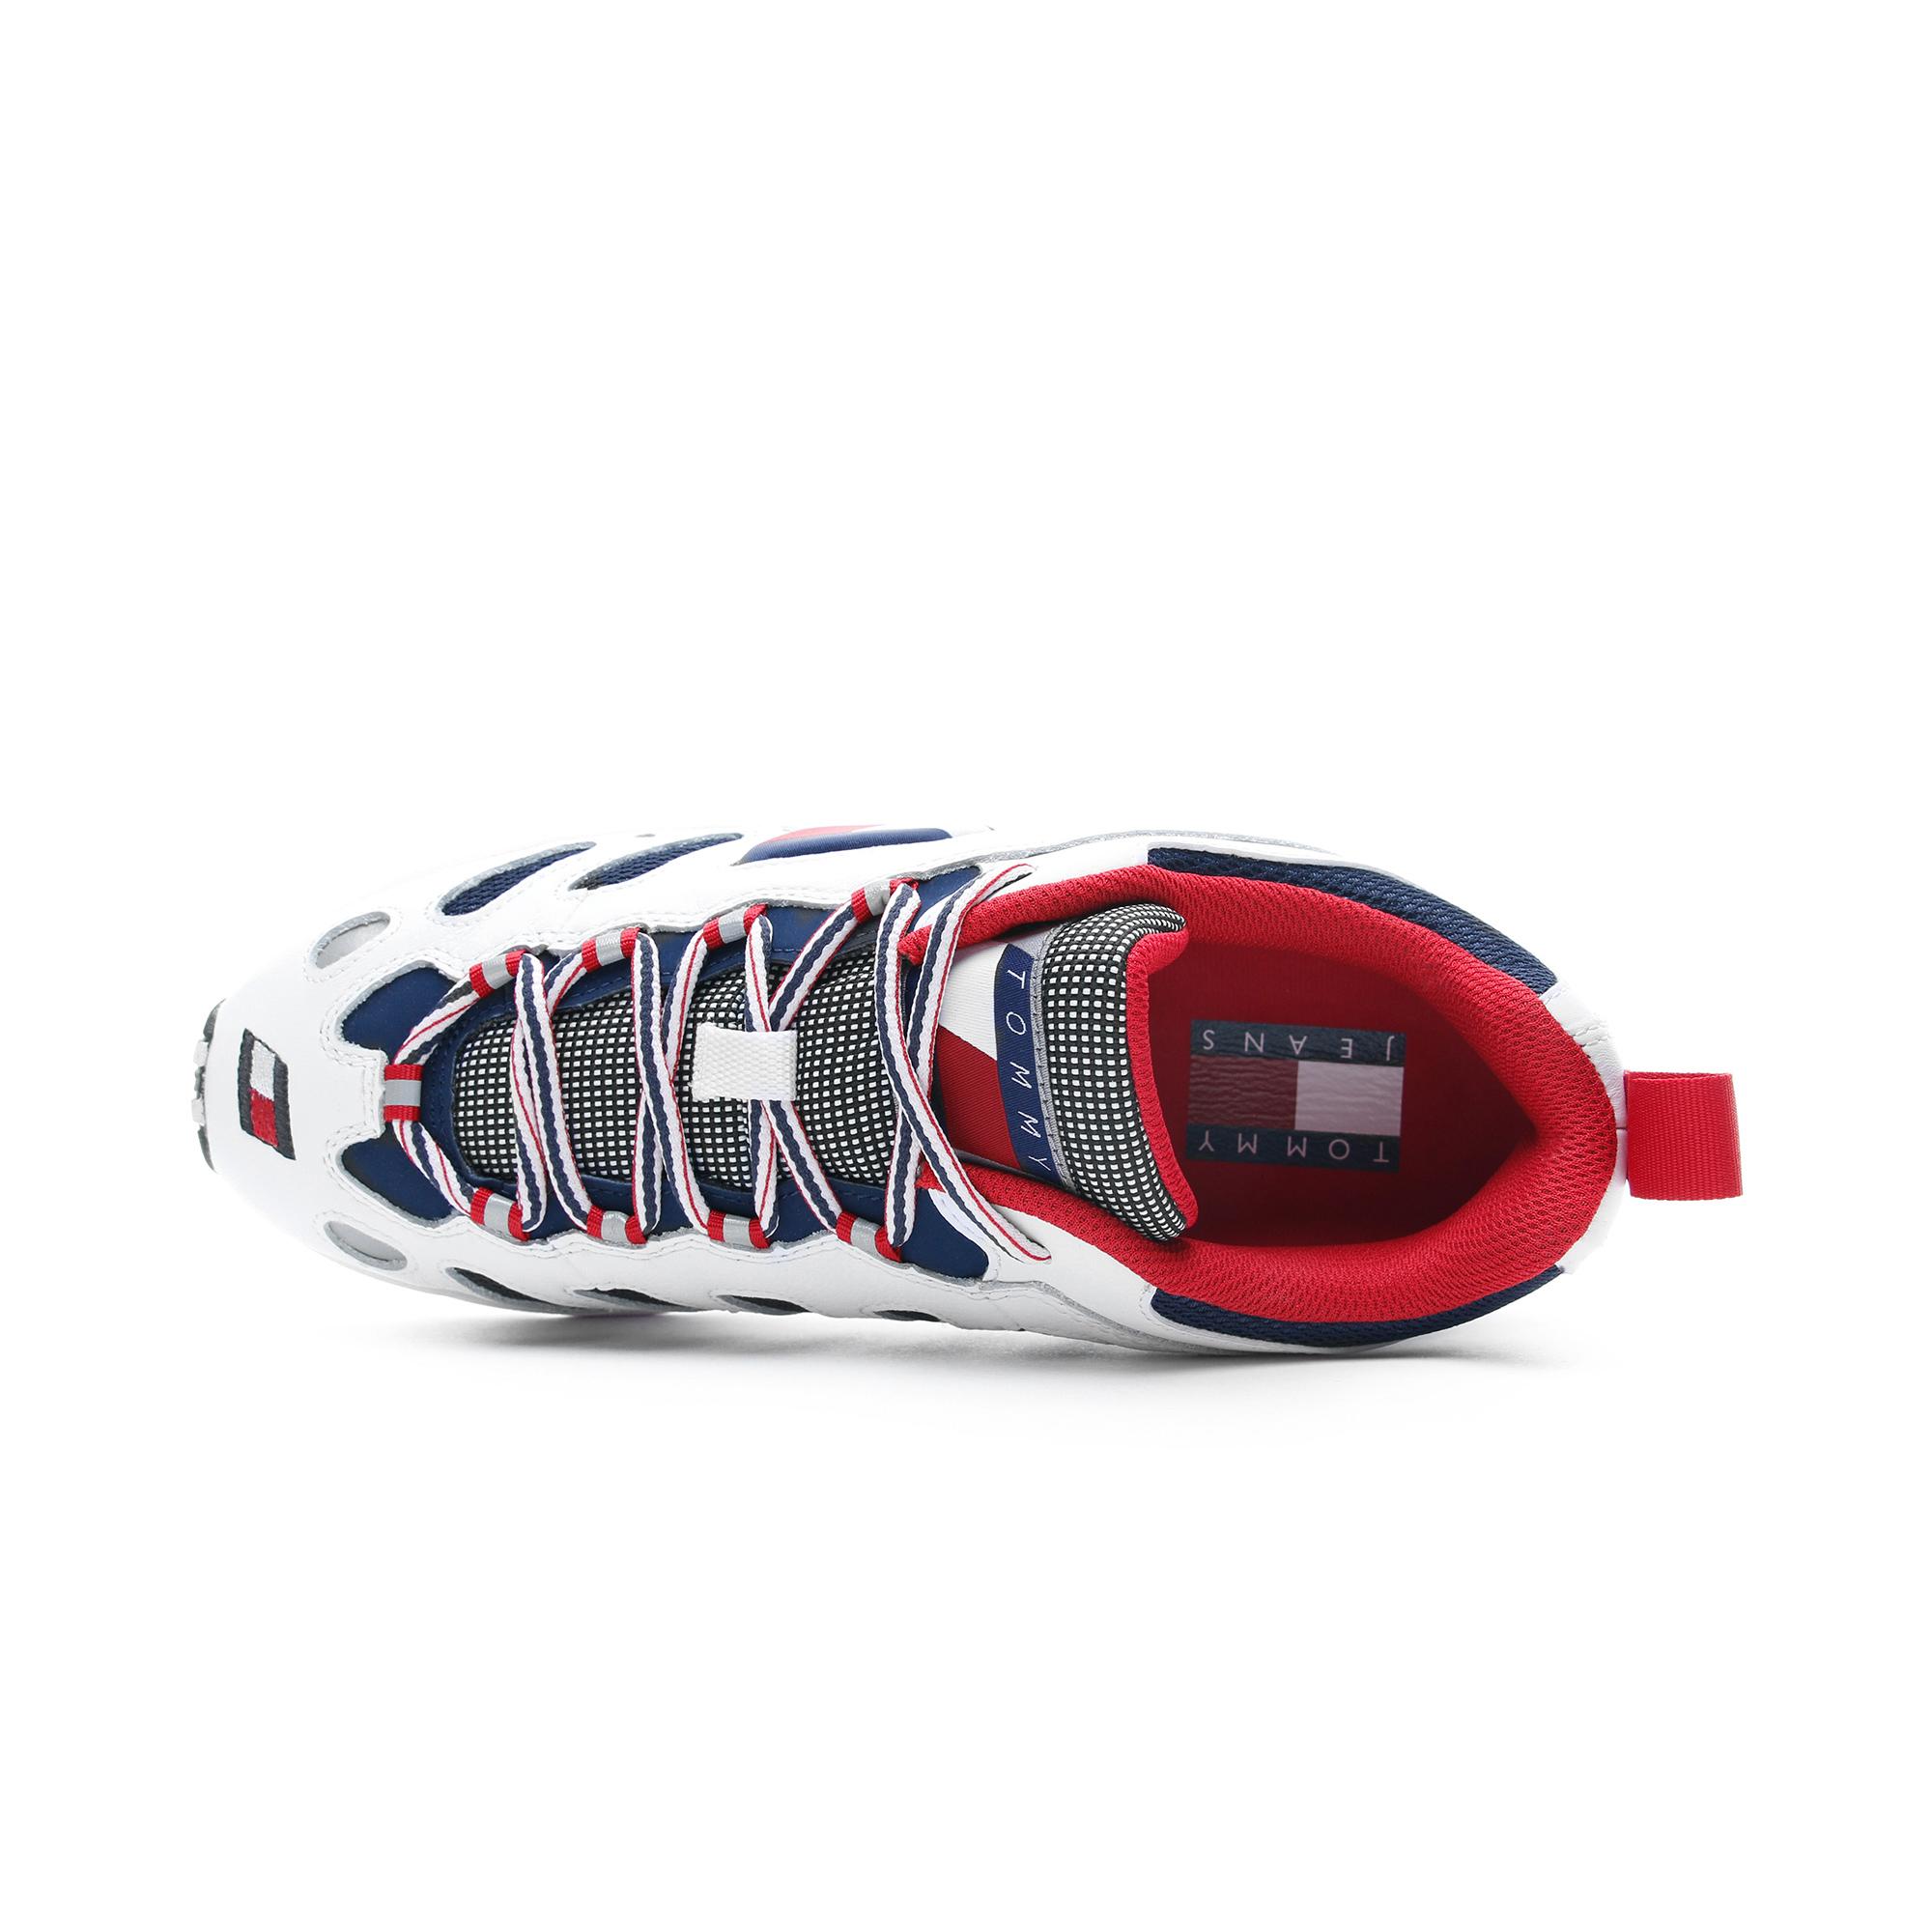 Tommy Hilfiger Heritage Retro Erkek Beyaz - Lacivert Spor Ayakkabı